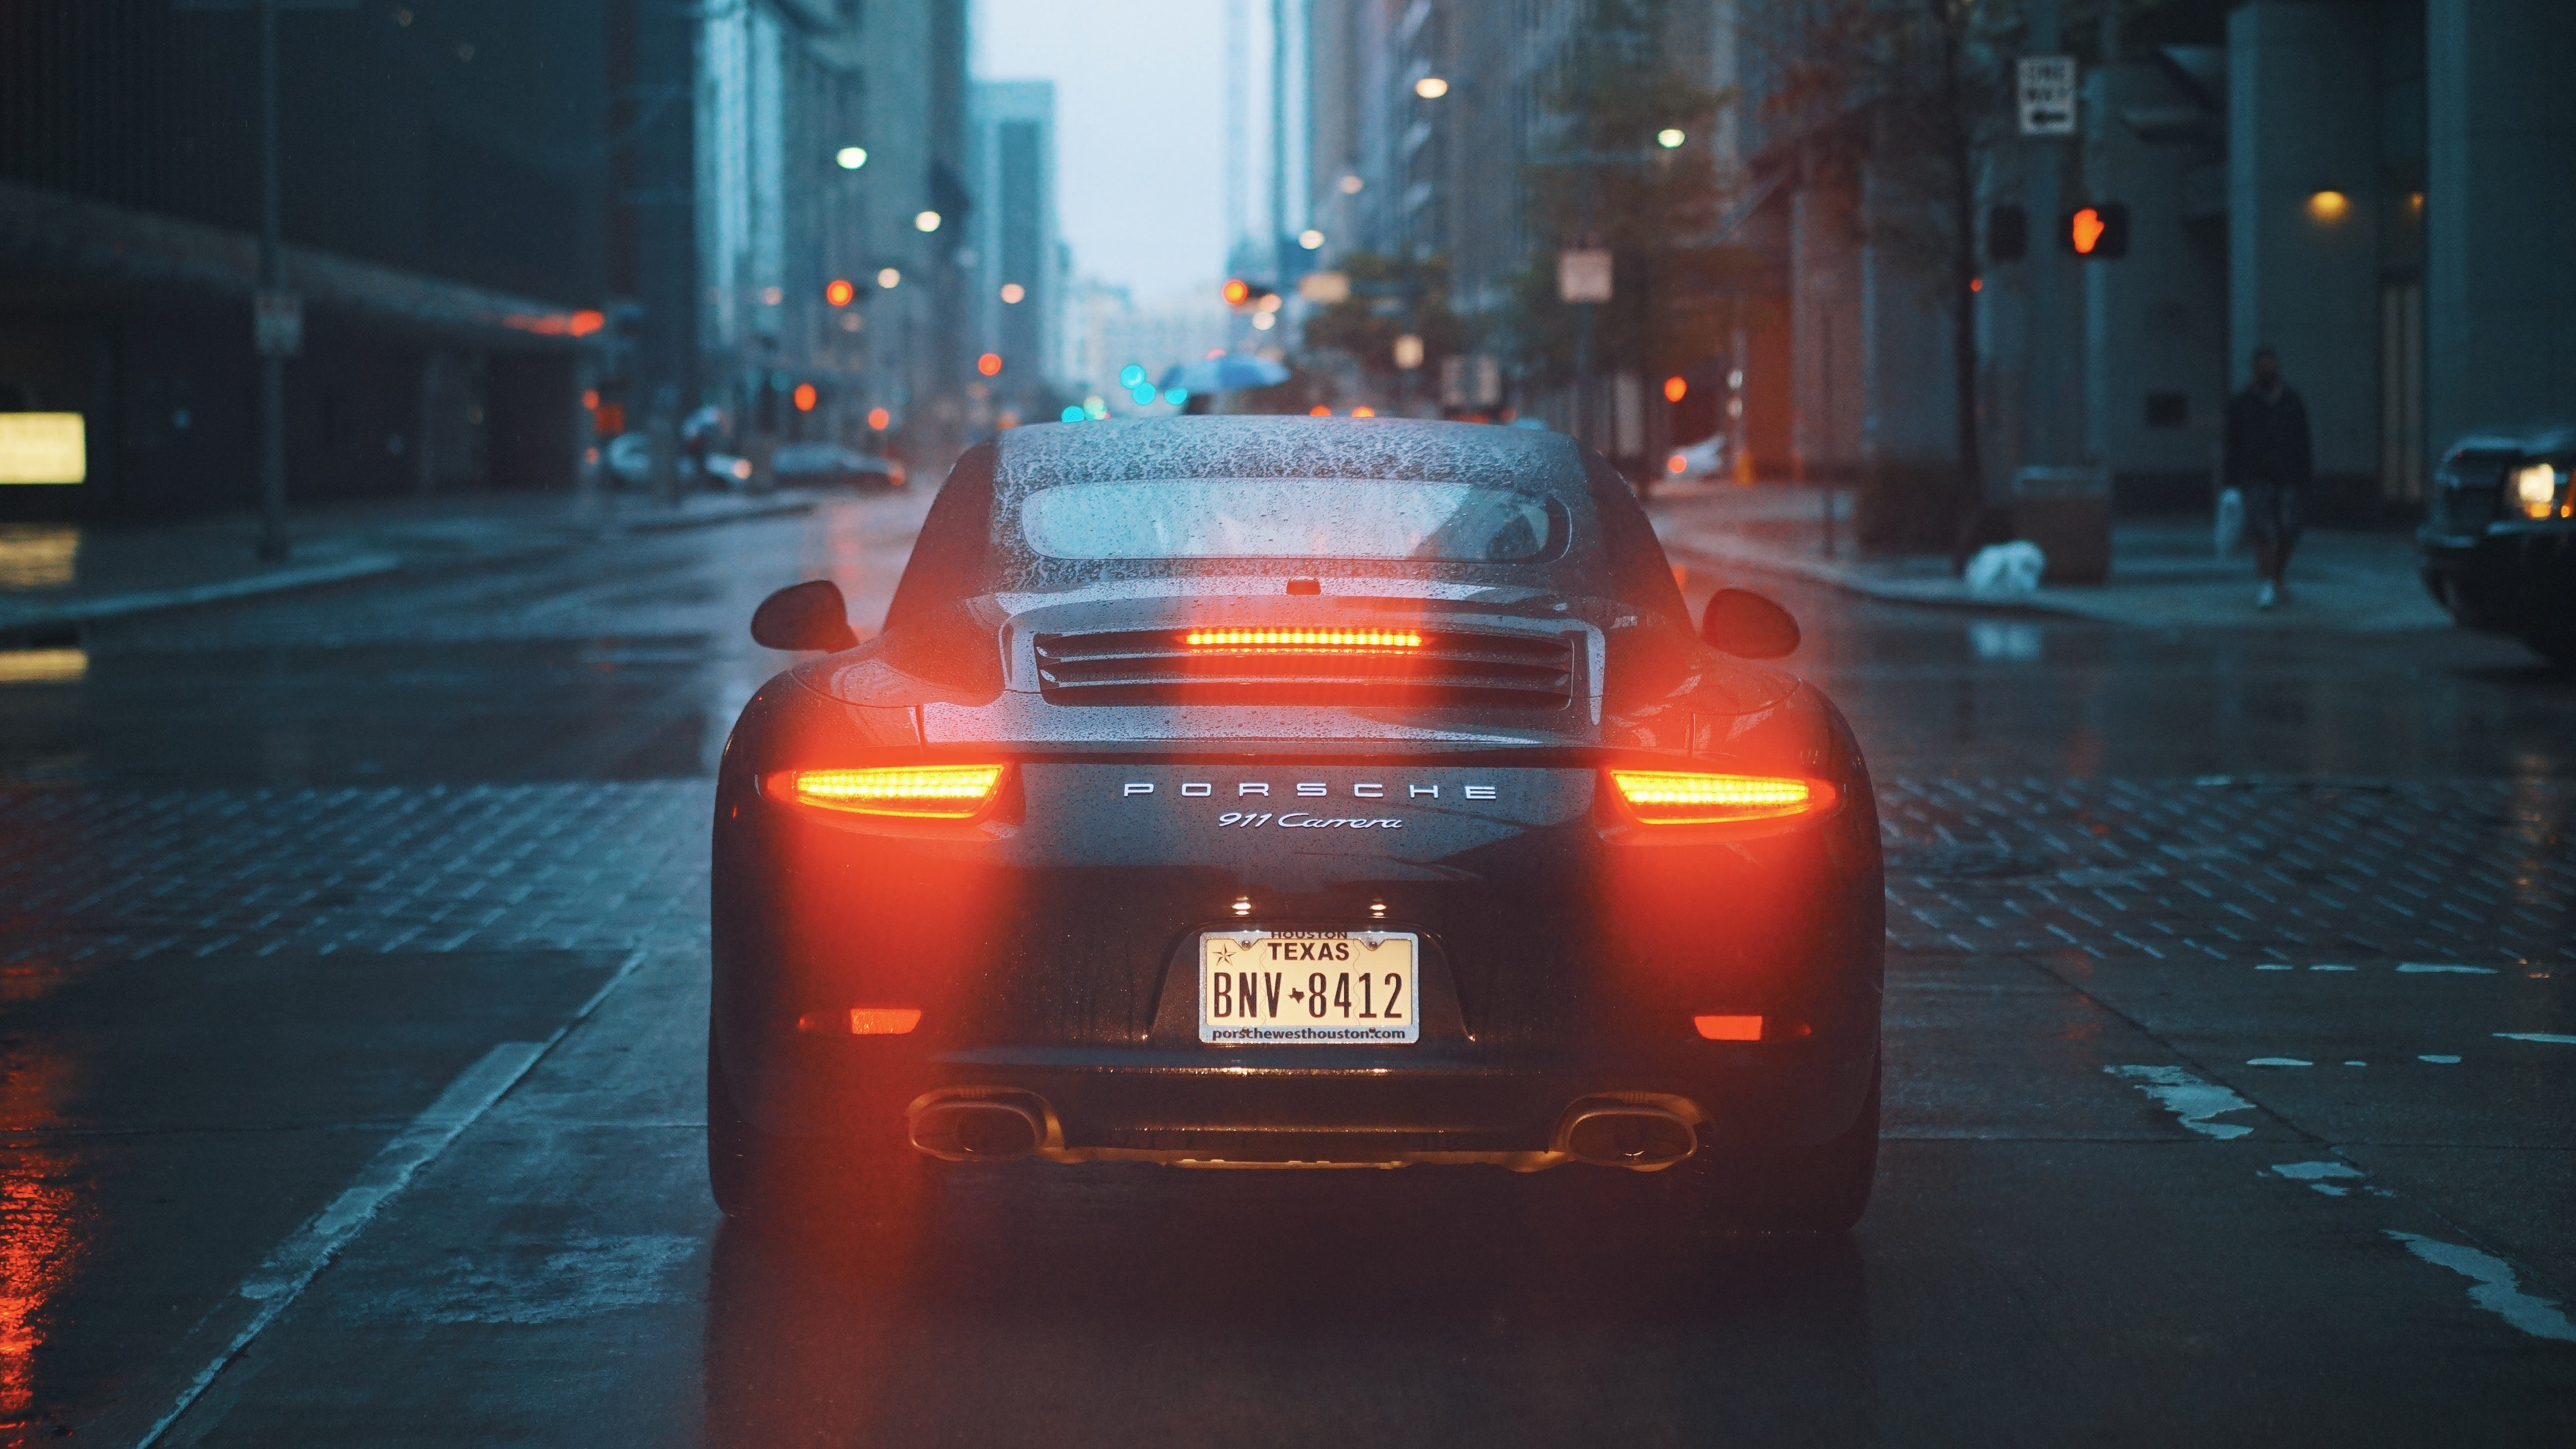 Fondos De Pantalla Porsche 911 Carrera Superdeportivo Vista